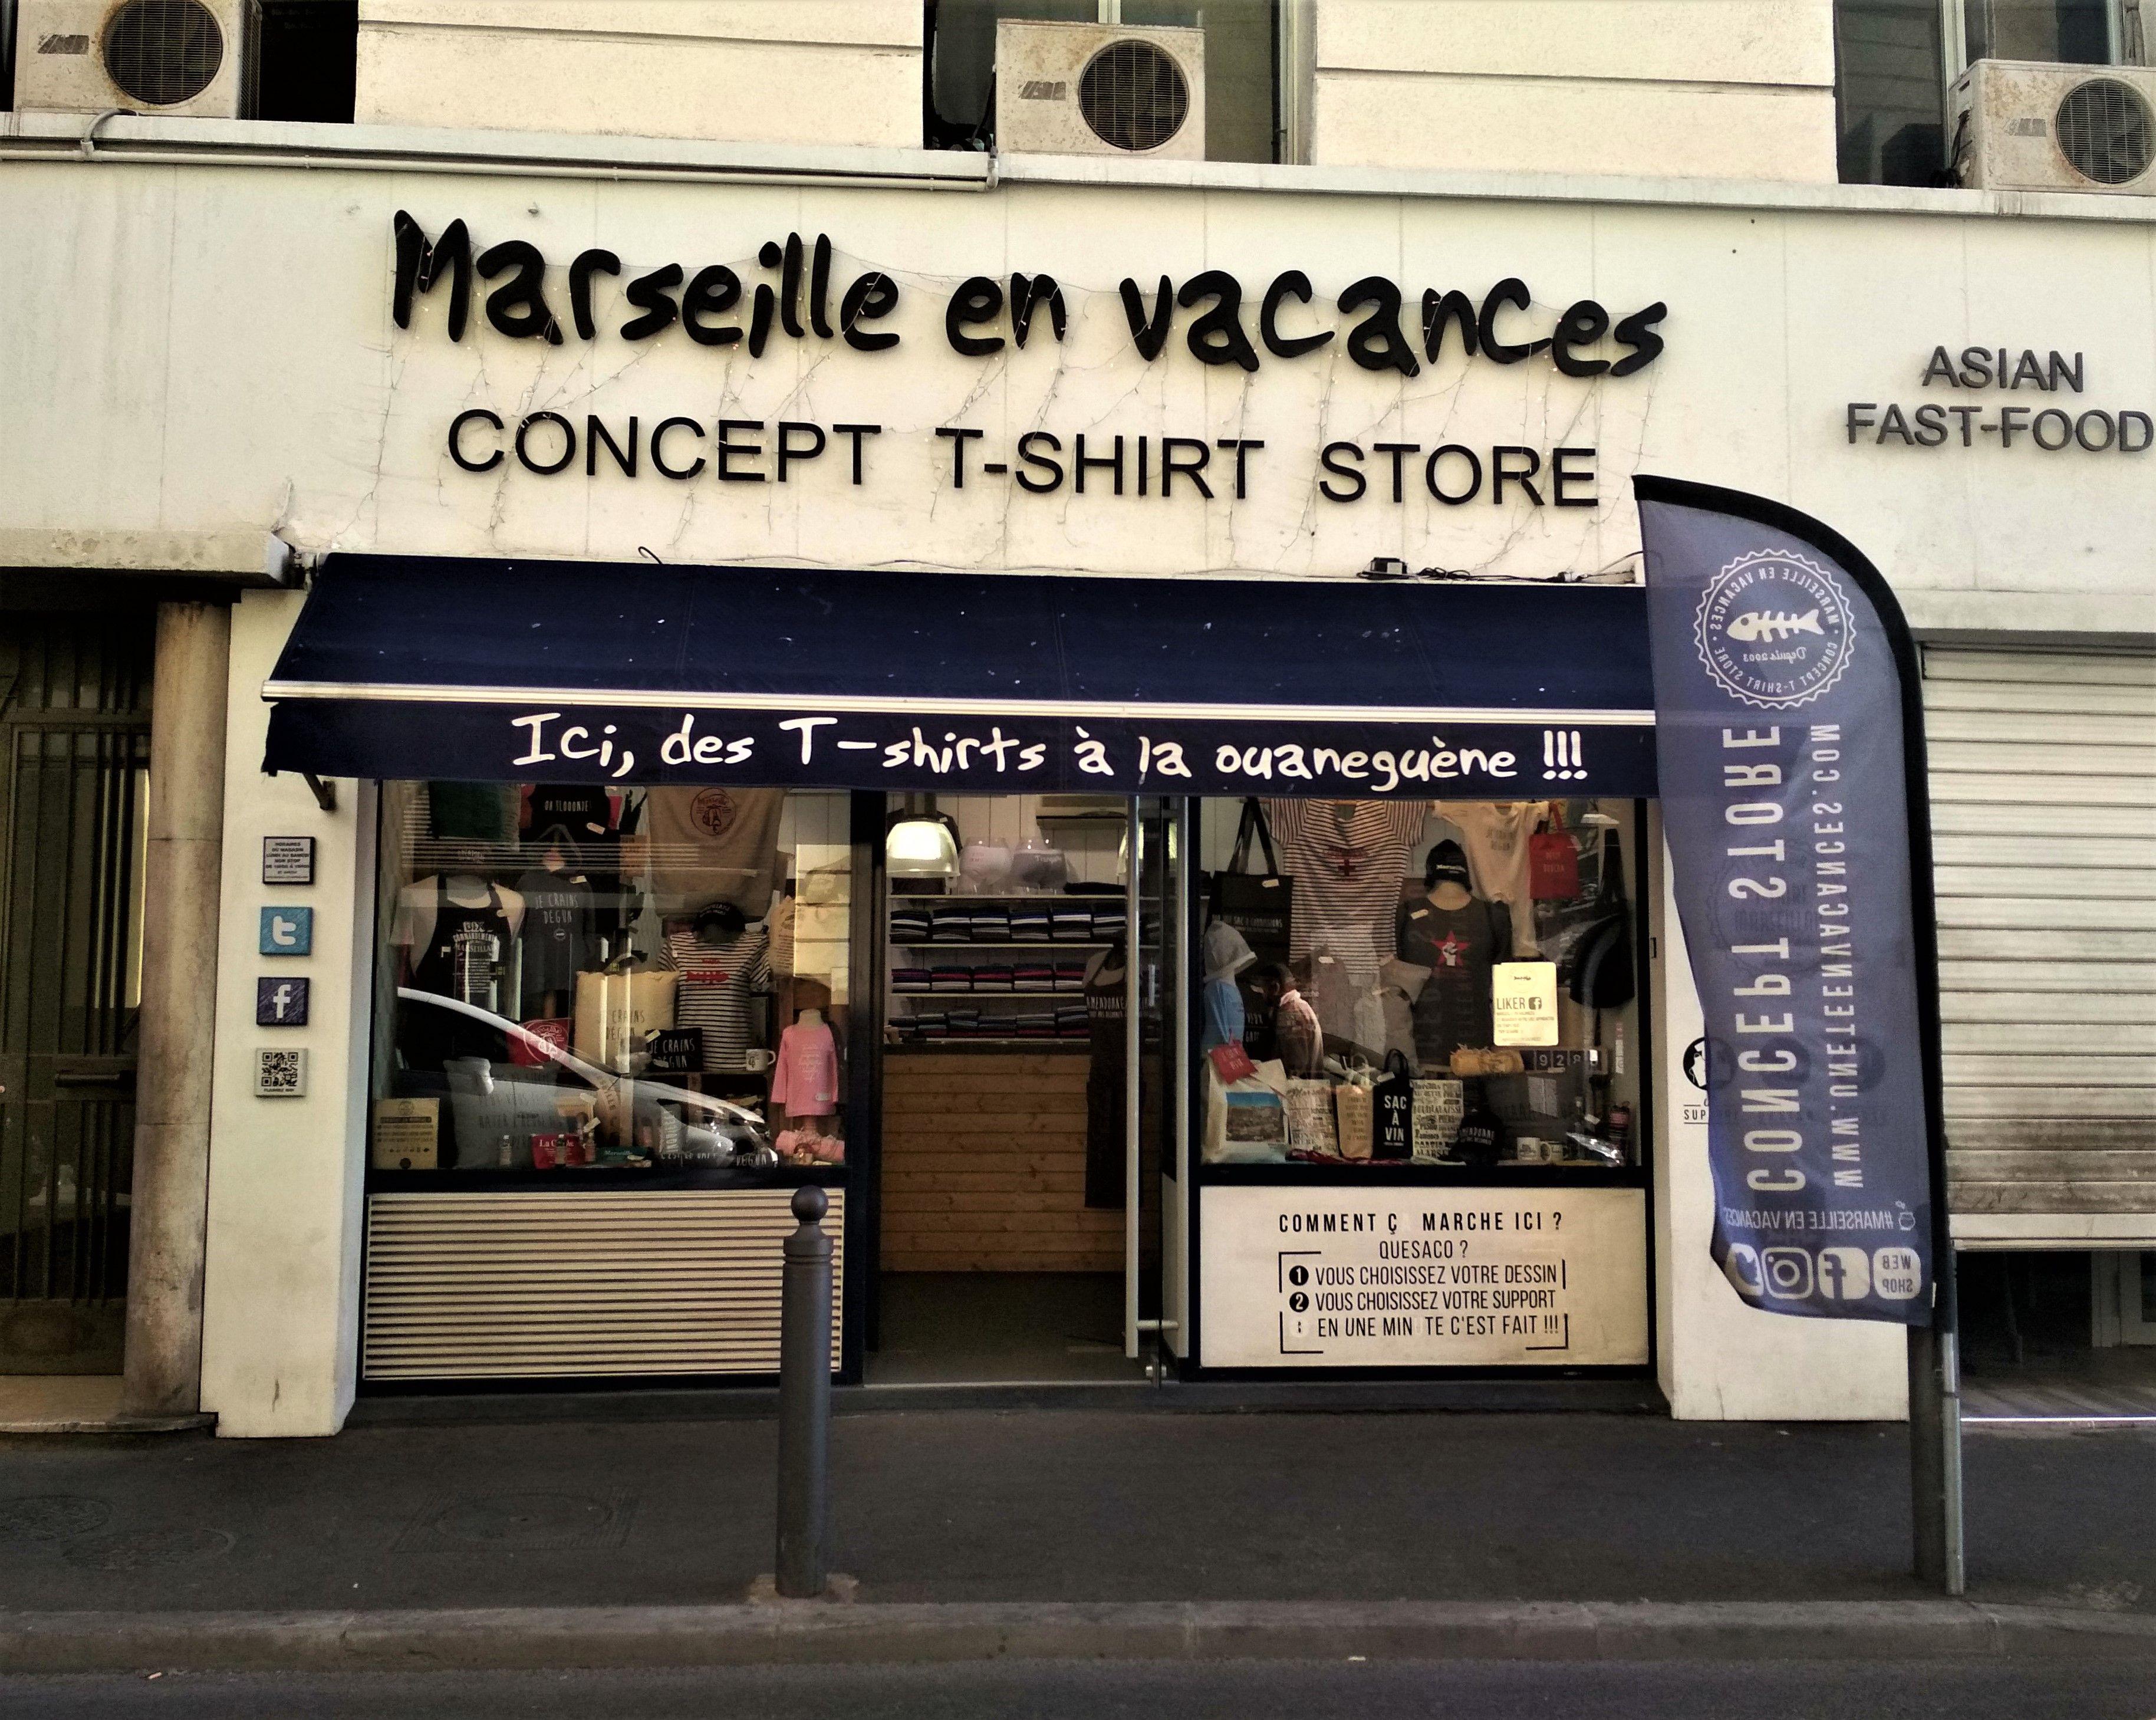 Marseille en vacances, Concept T-shirt store, Marseille